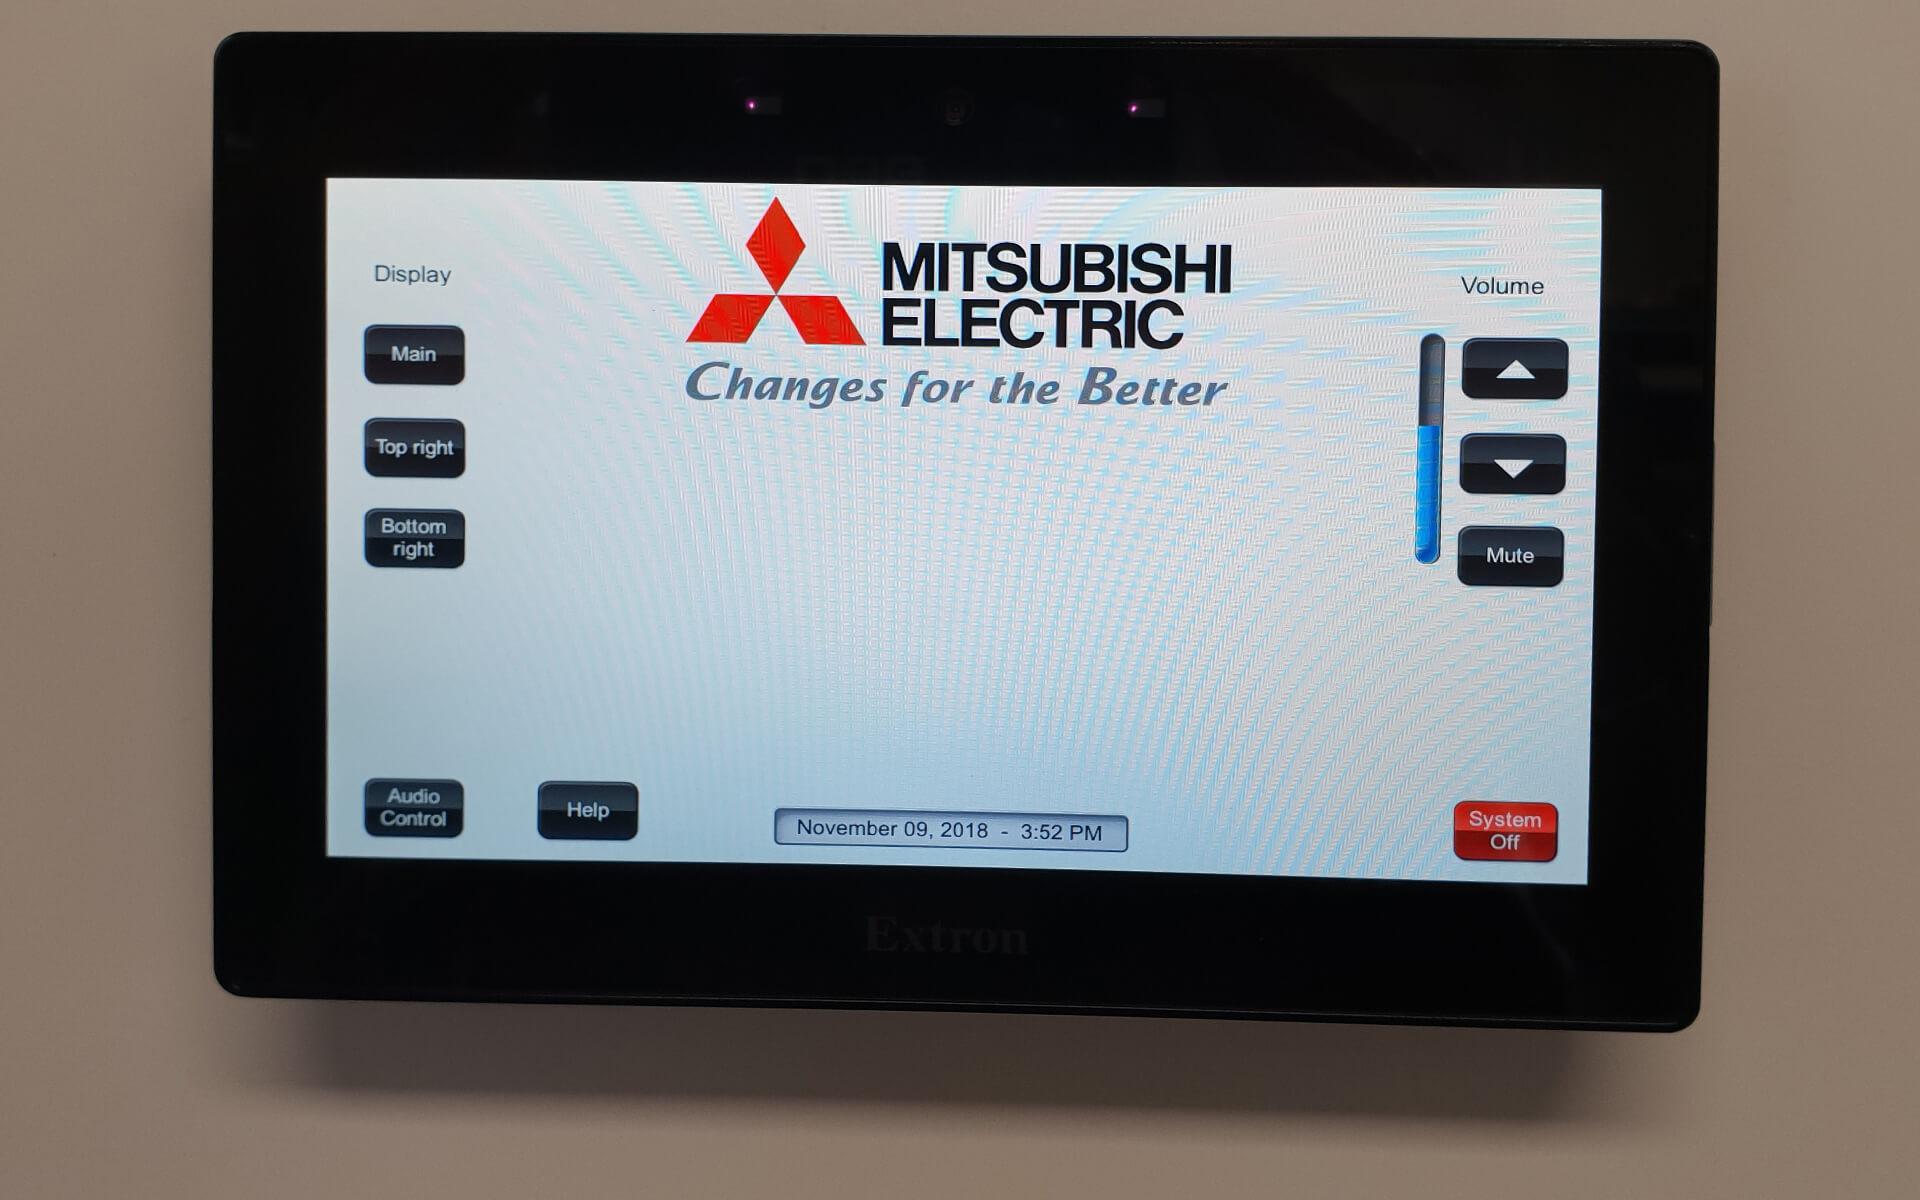 Project Mitsubishi